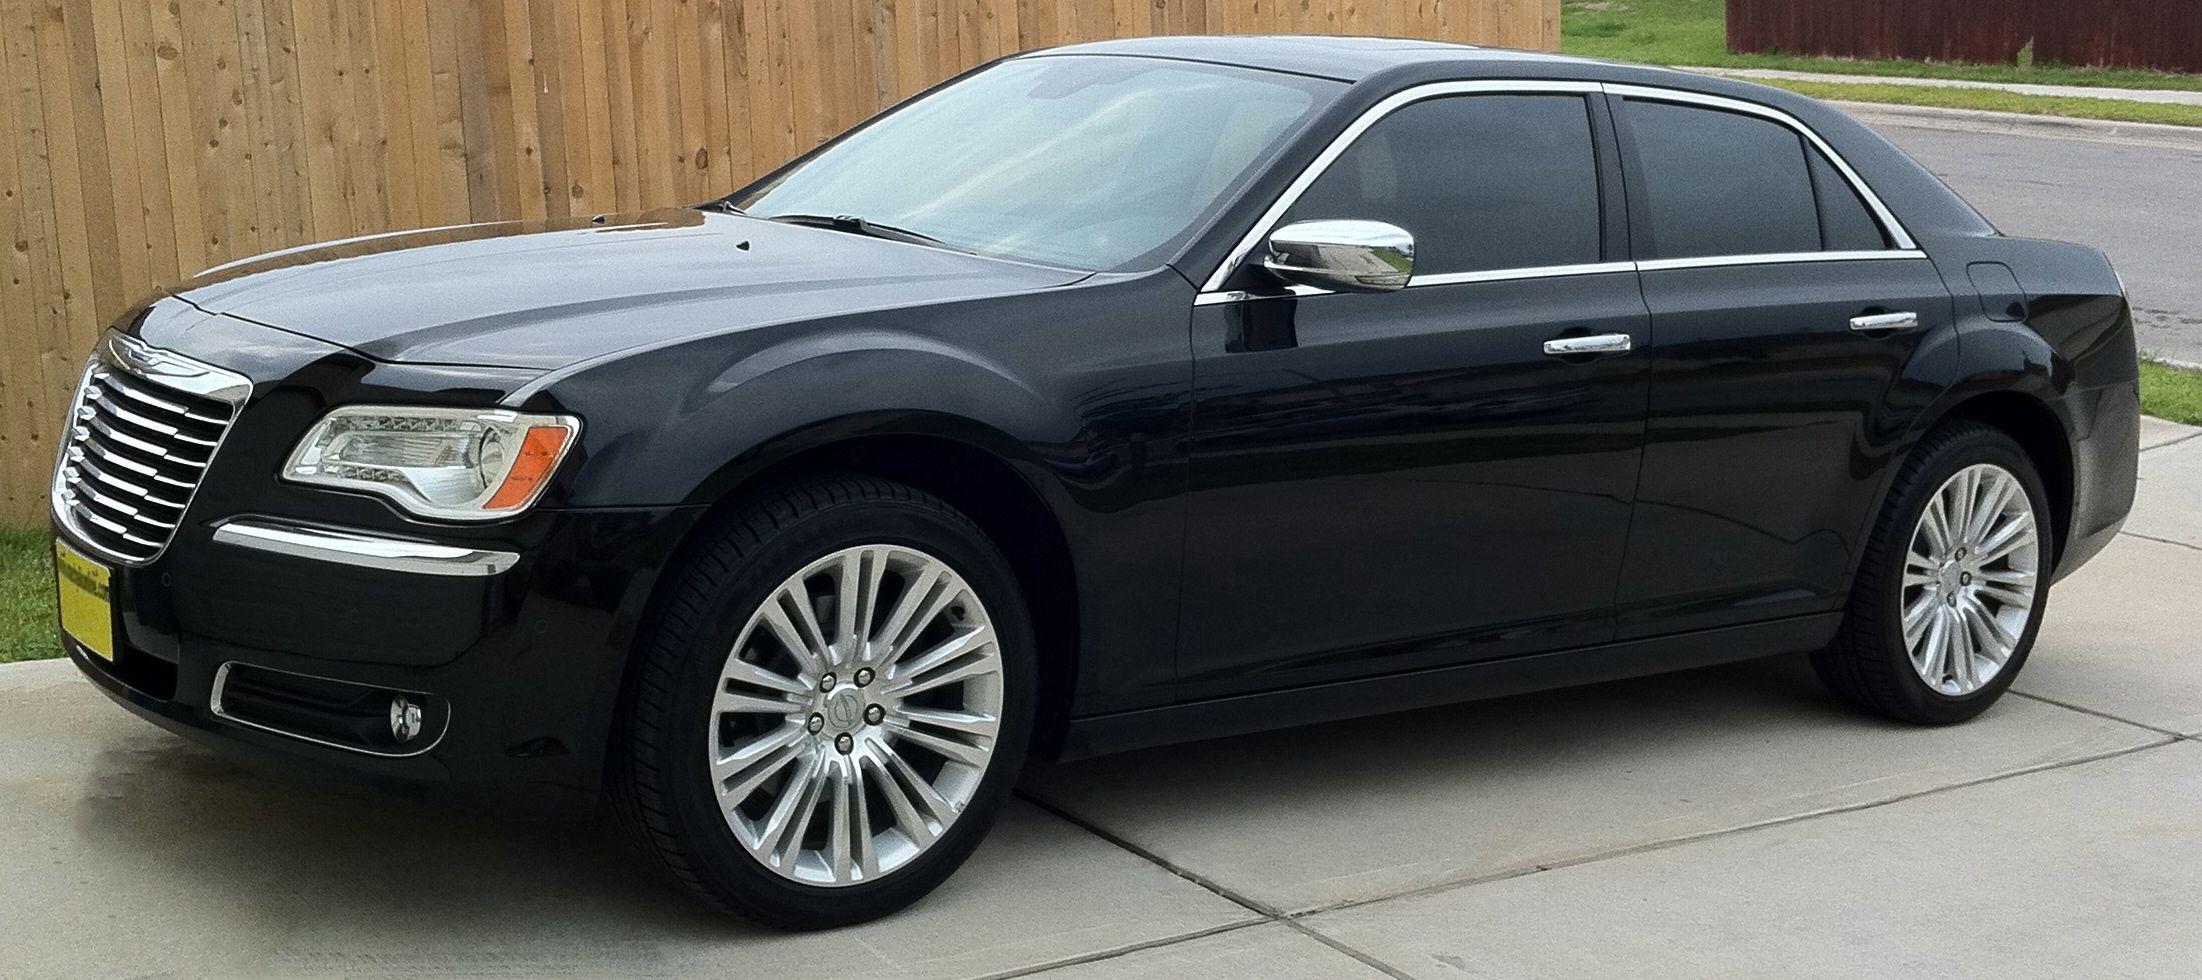 Black chrysler 300 with blue stripe dream cars pinterest chrysler 300 cars and chrysler 300c